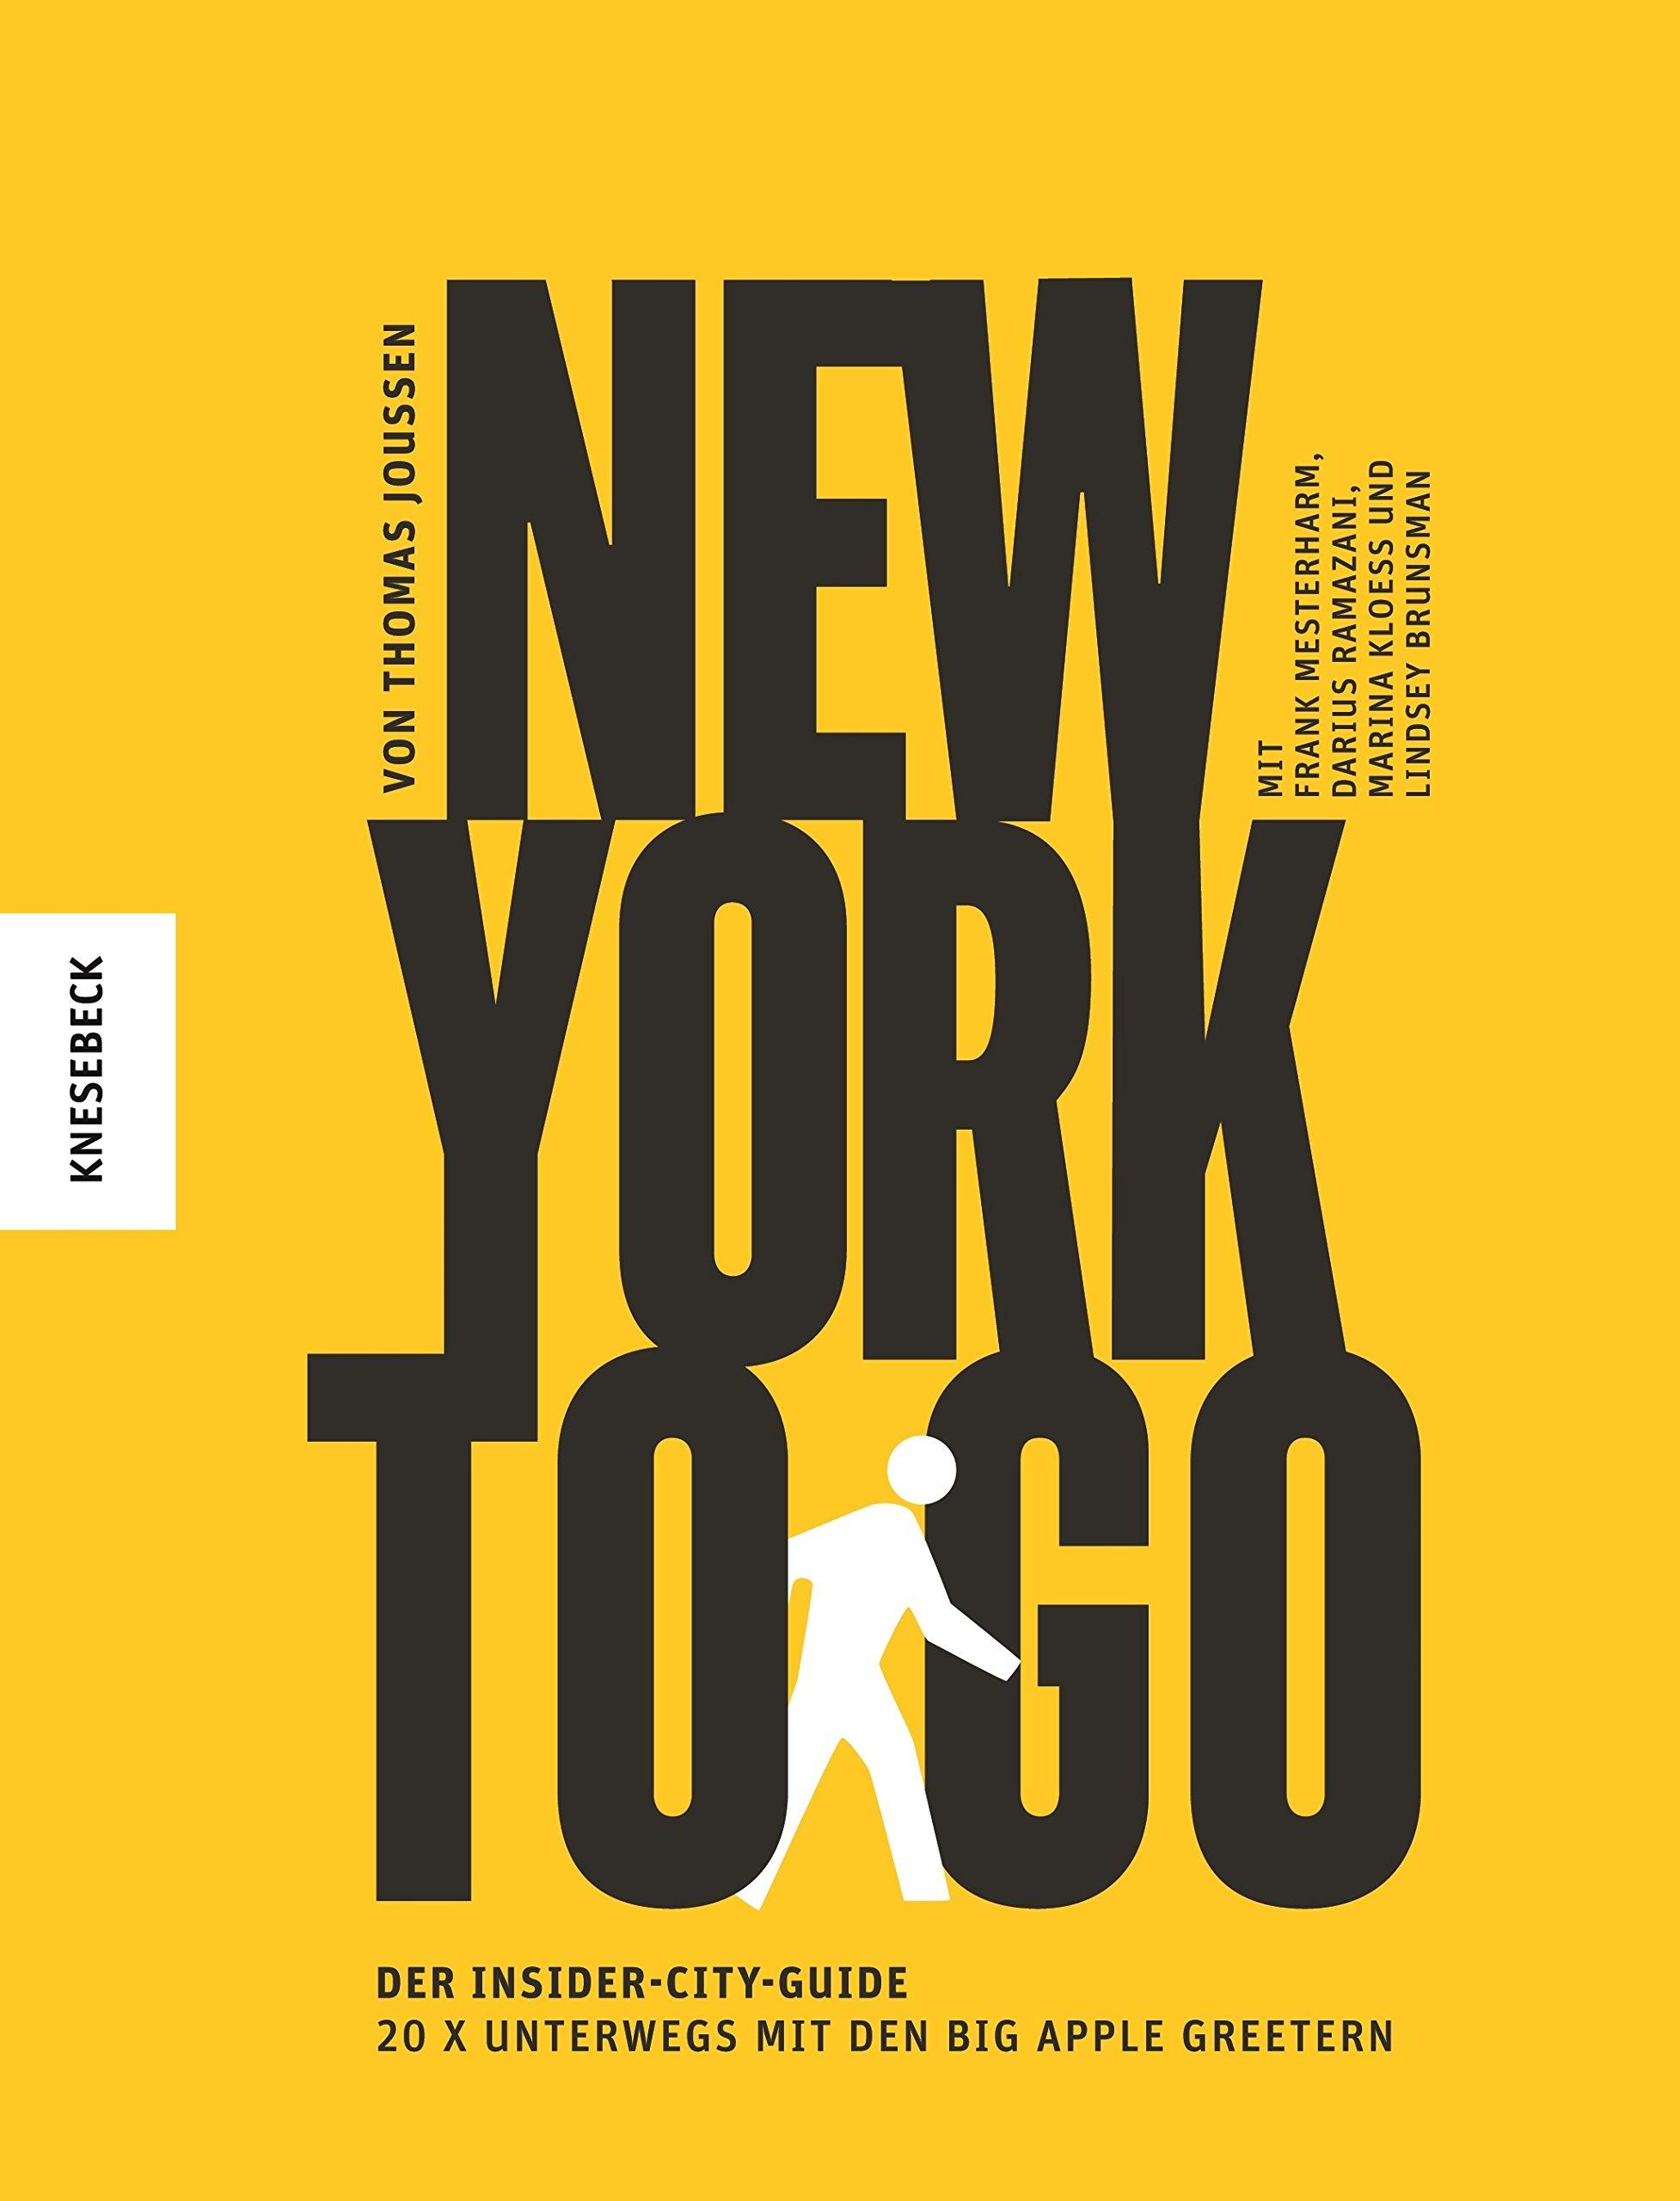 New York to go: Der Insider-City-Guide – 20 x unterwegs mit den Big Apple Greetern (Städteführer, Reiseführer, Reisebericht) T